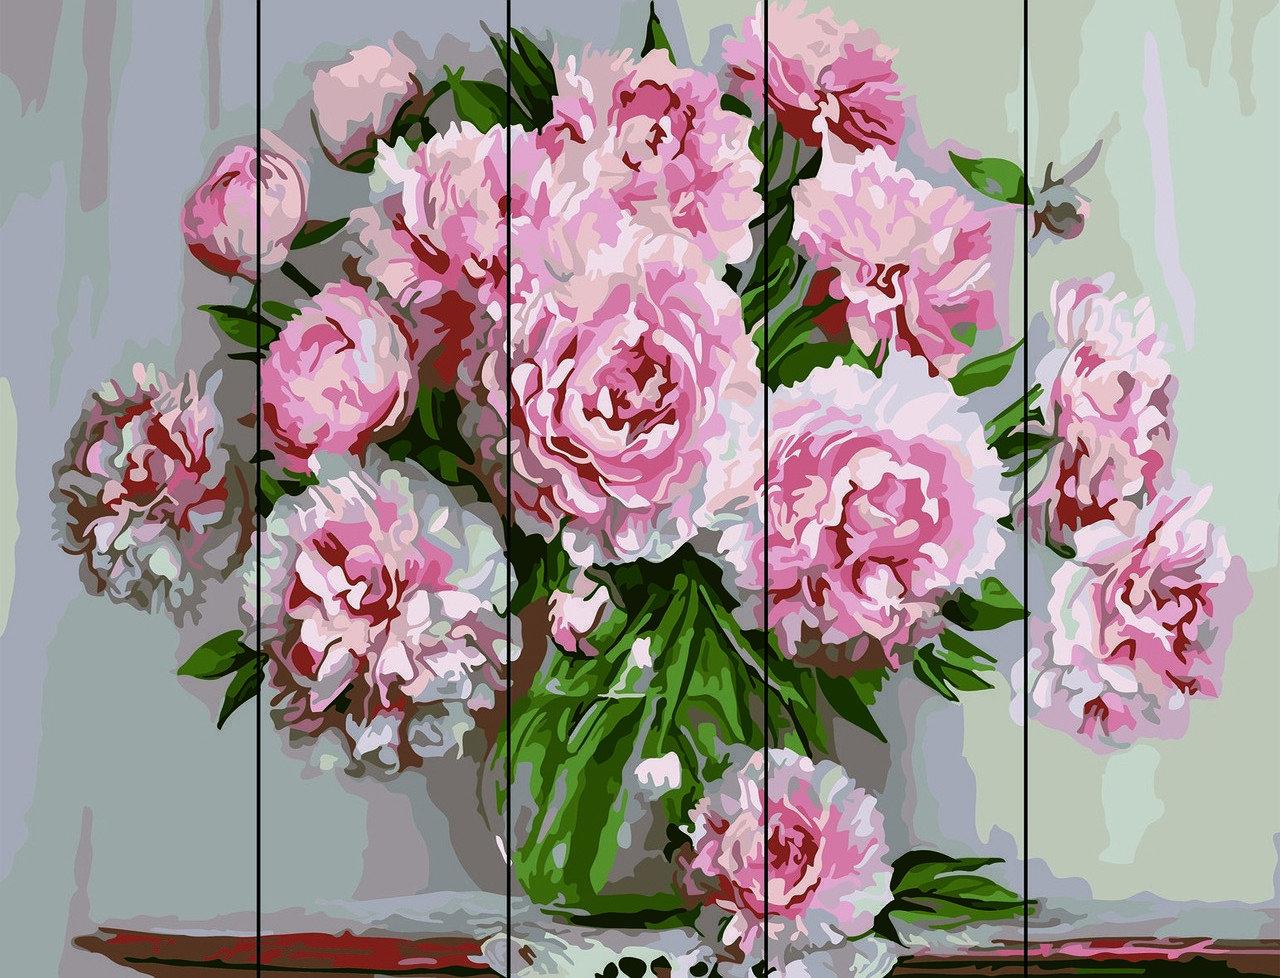 Живопись по номерам по дереву Розовые пионы Rainbow Art RA-S26 40 х 50 см